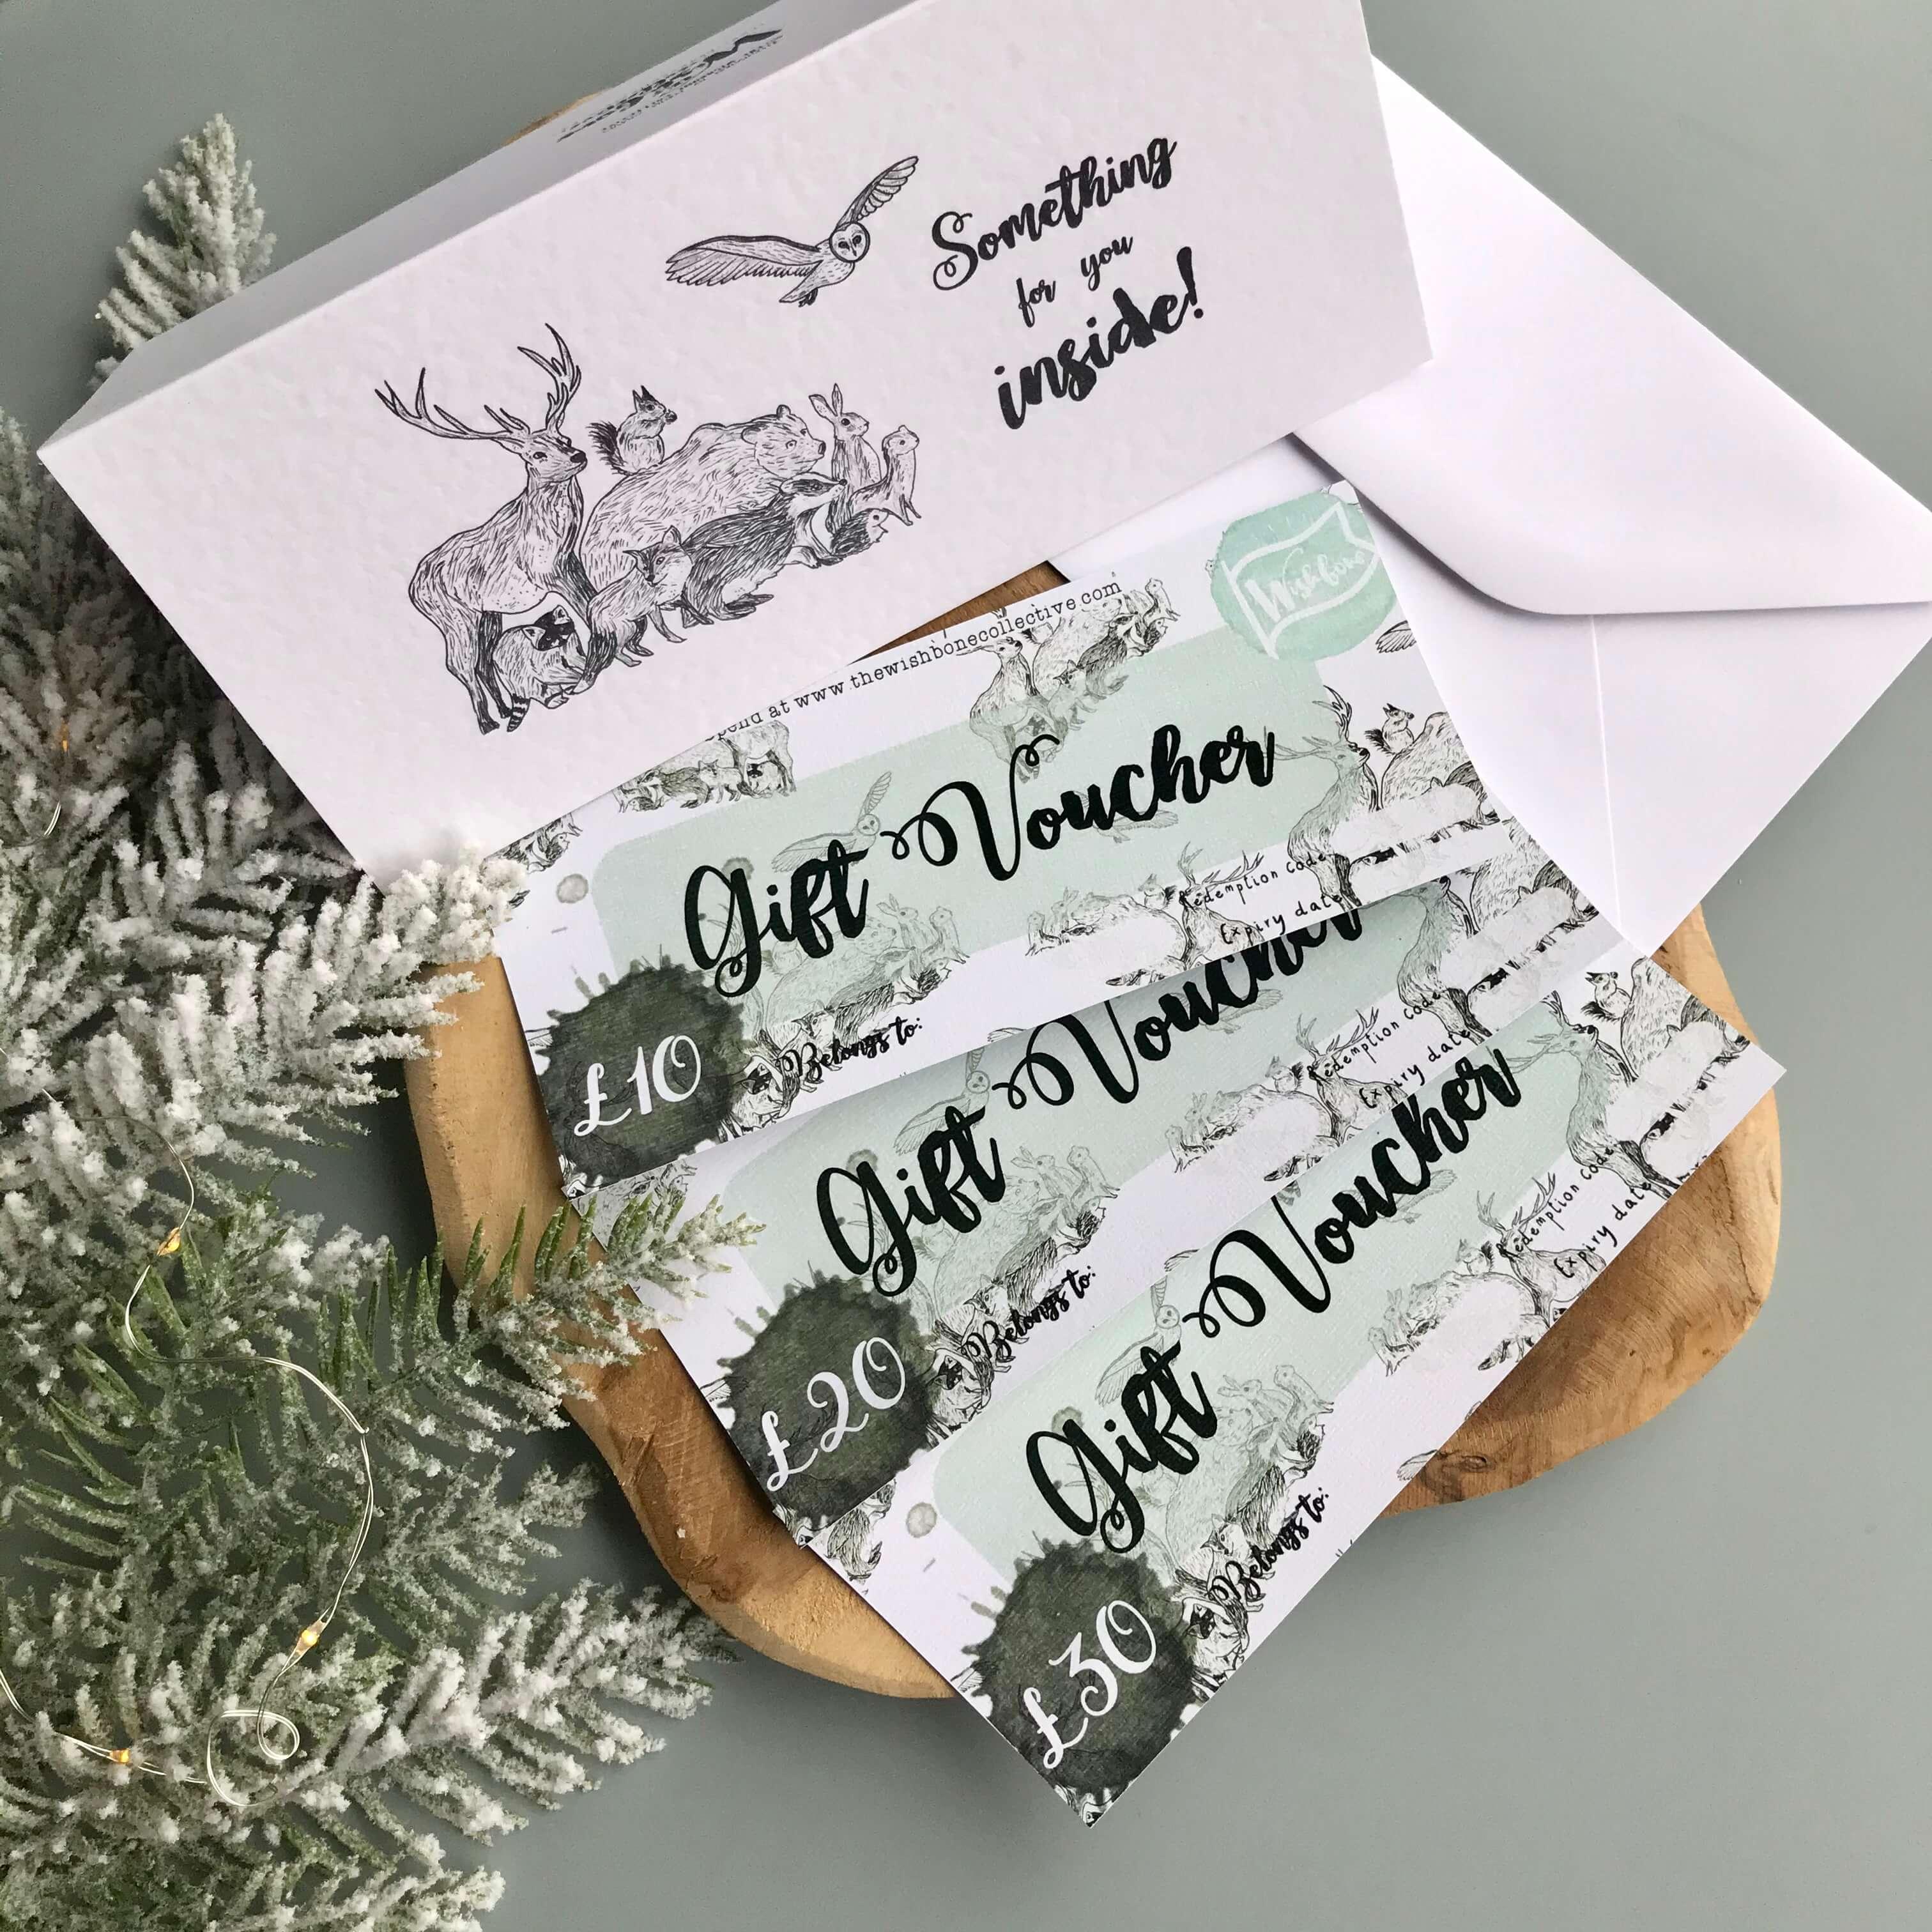 wishbone store gift voucher